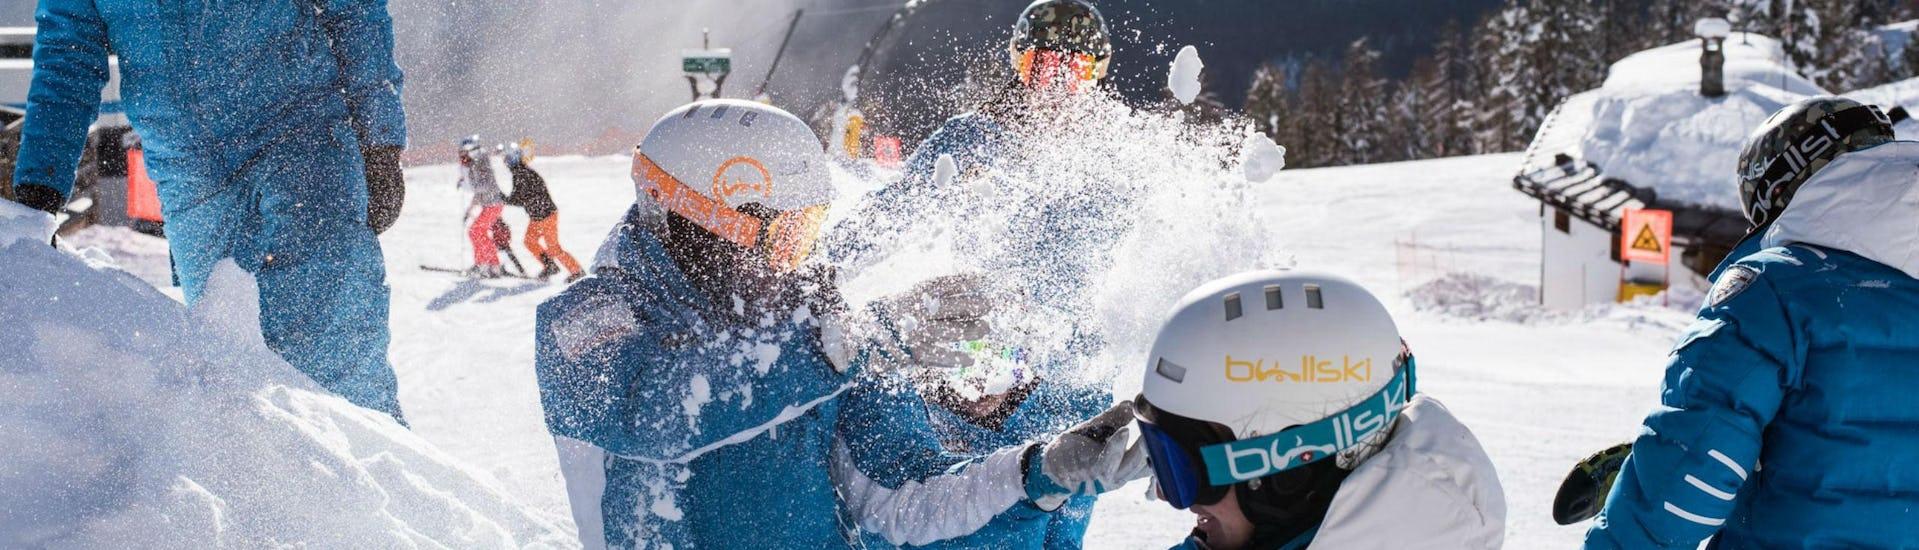 The ski instructors from the ski school Scuola di Sci e Snowboard Cristallo Cortina are playing around in the snow in the ski resort of Cortina d'Ampezzo, where they offer their ski lessons.